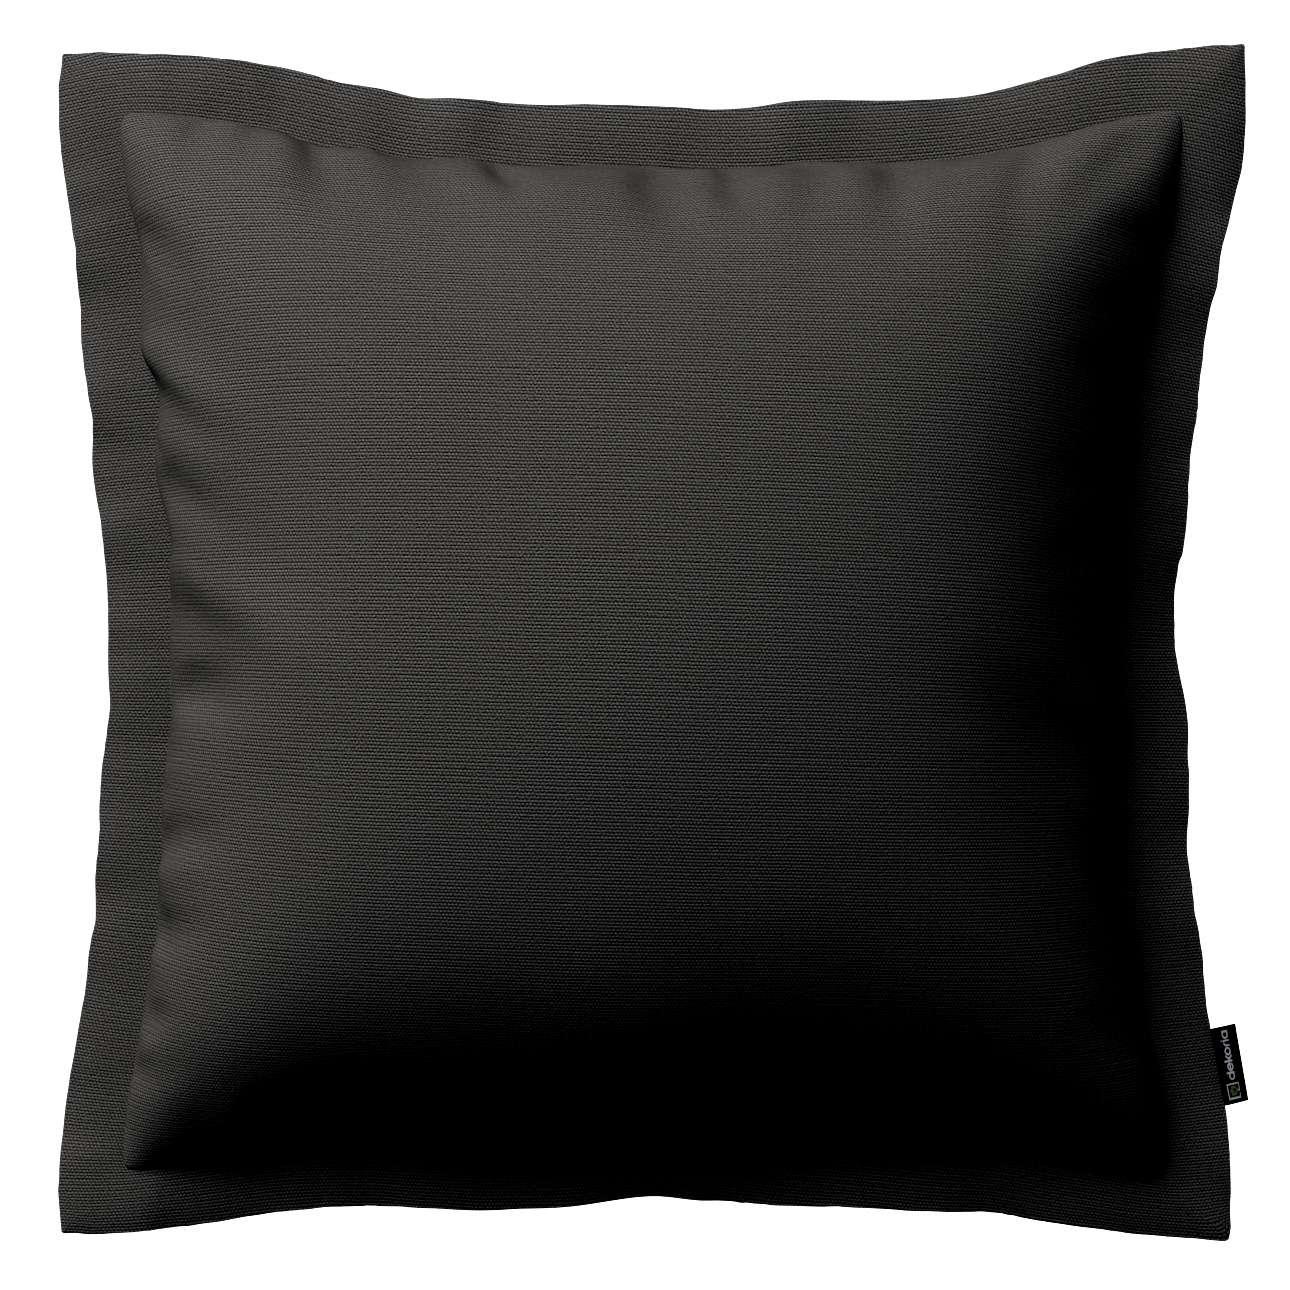 Mona dekoratyvinių pagalvėlių užvalkalas su sienele 45 x 45cm kolekcijoje Cotton Panama, audinys: 702-08